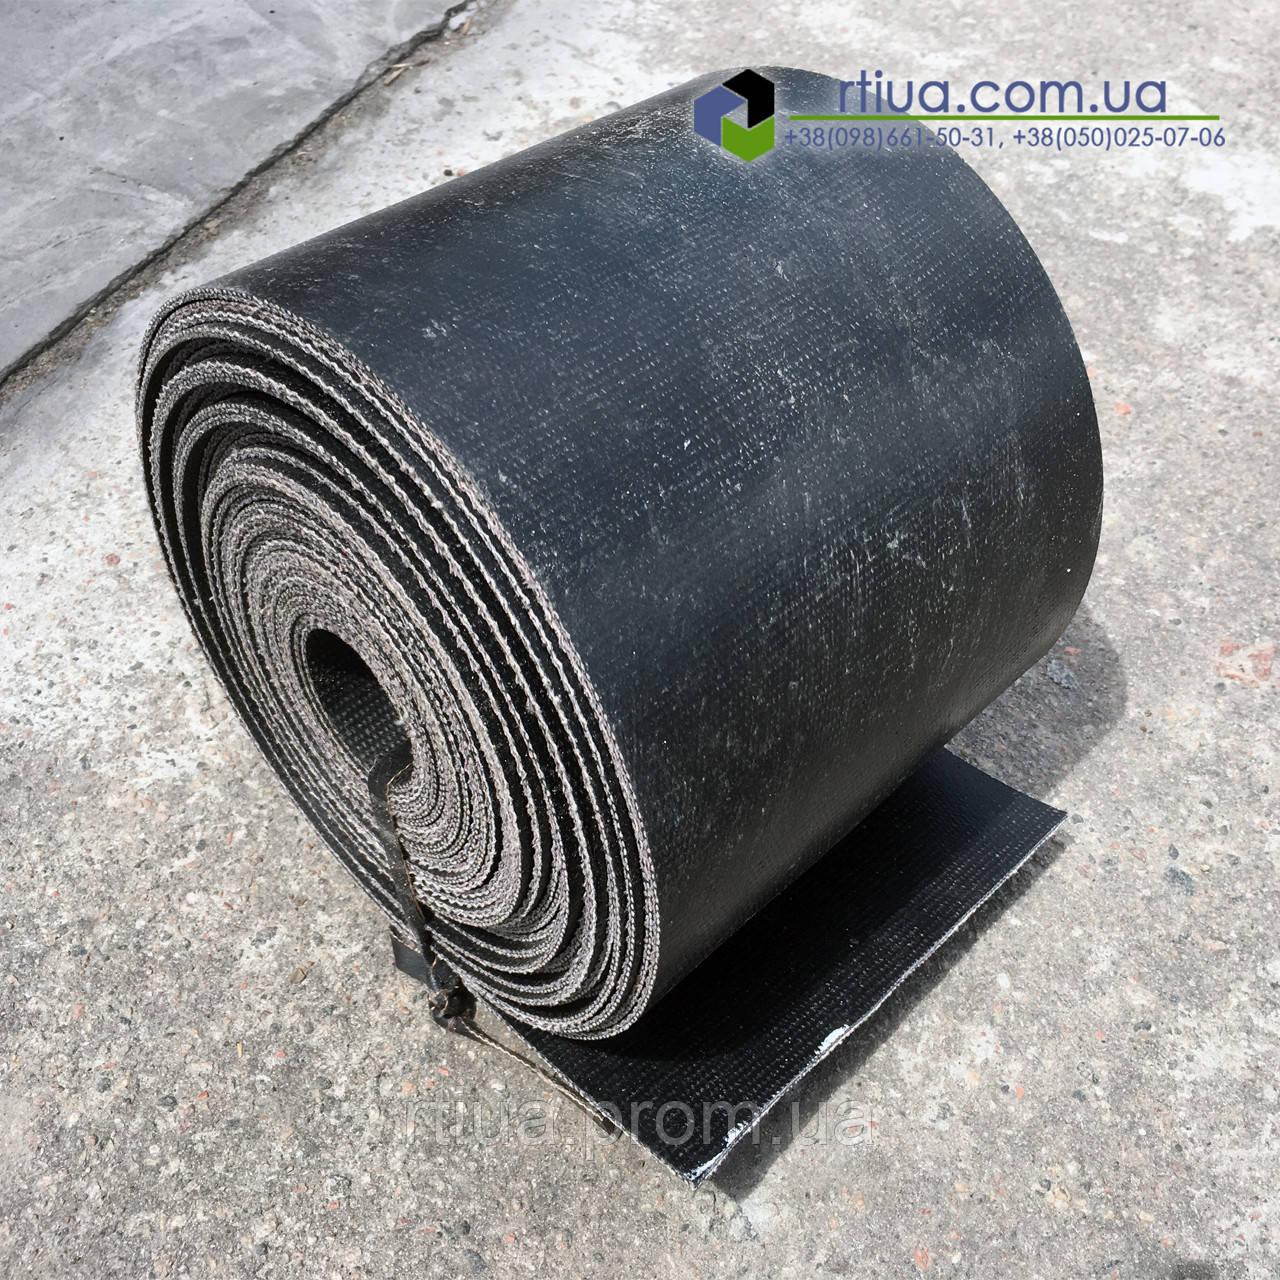 Транспортерная лента БКНЛ, 550х2 - 2/0 (4 мм)